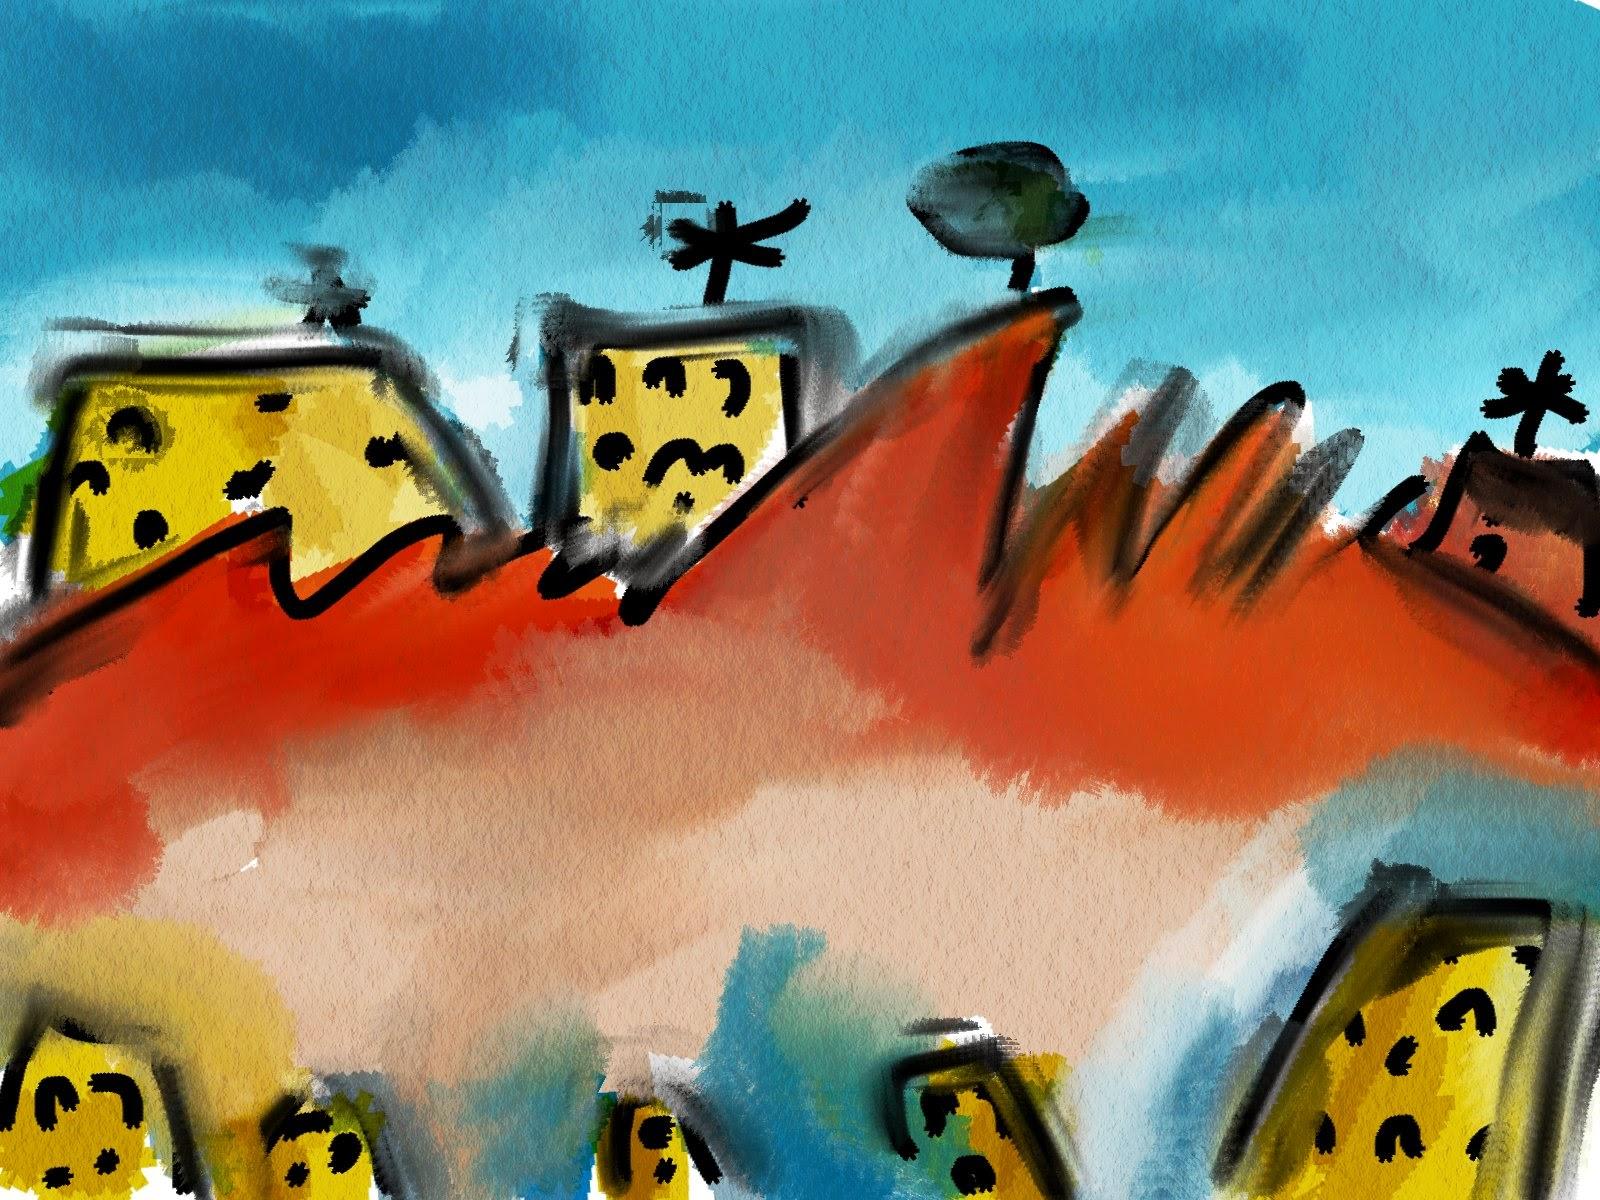 Esboço para simulação de alguns efeitos da técnica da aquarela realizados no Gimp.